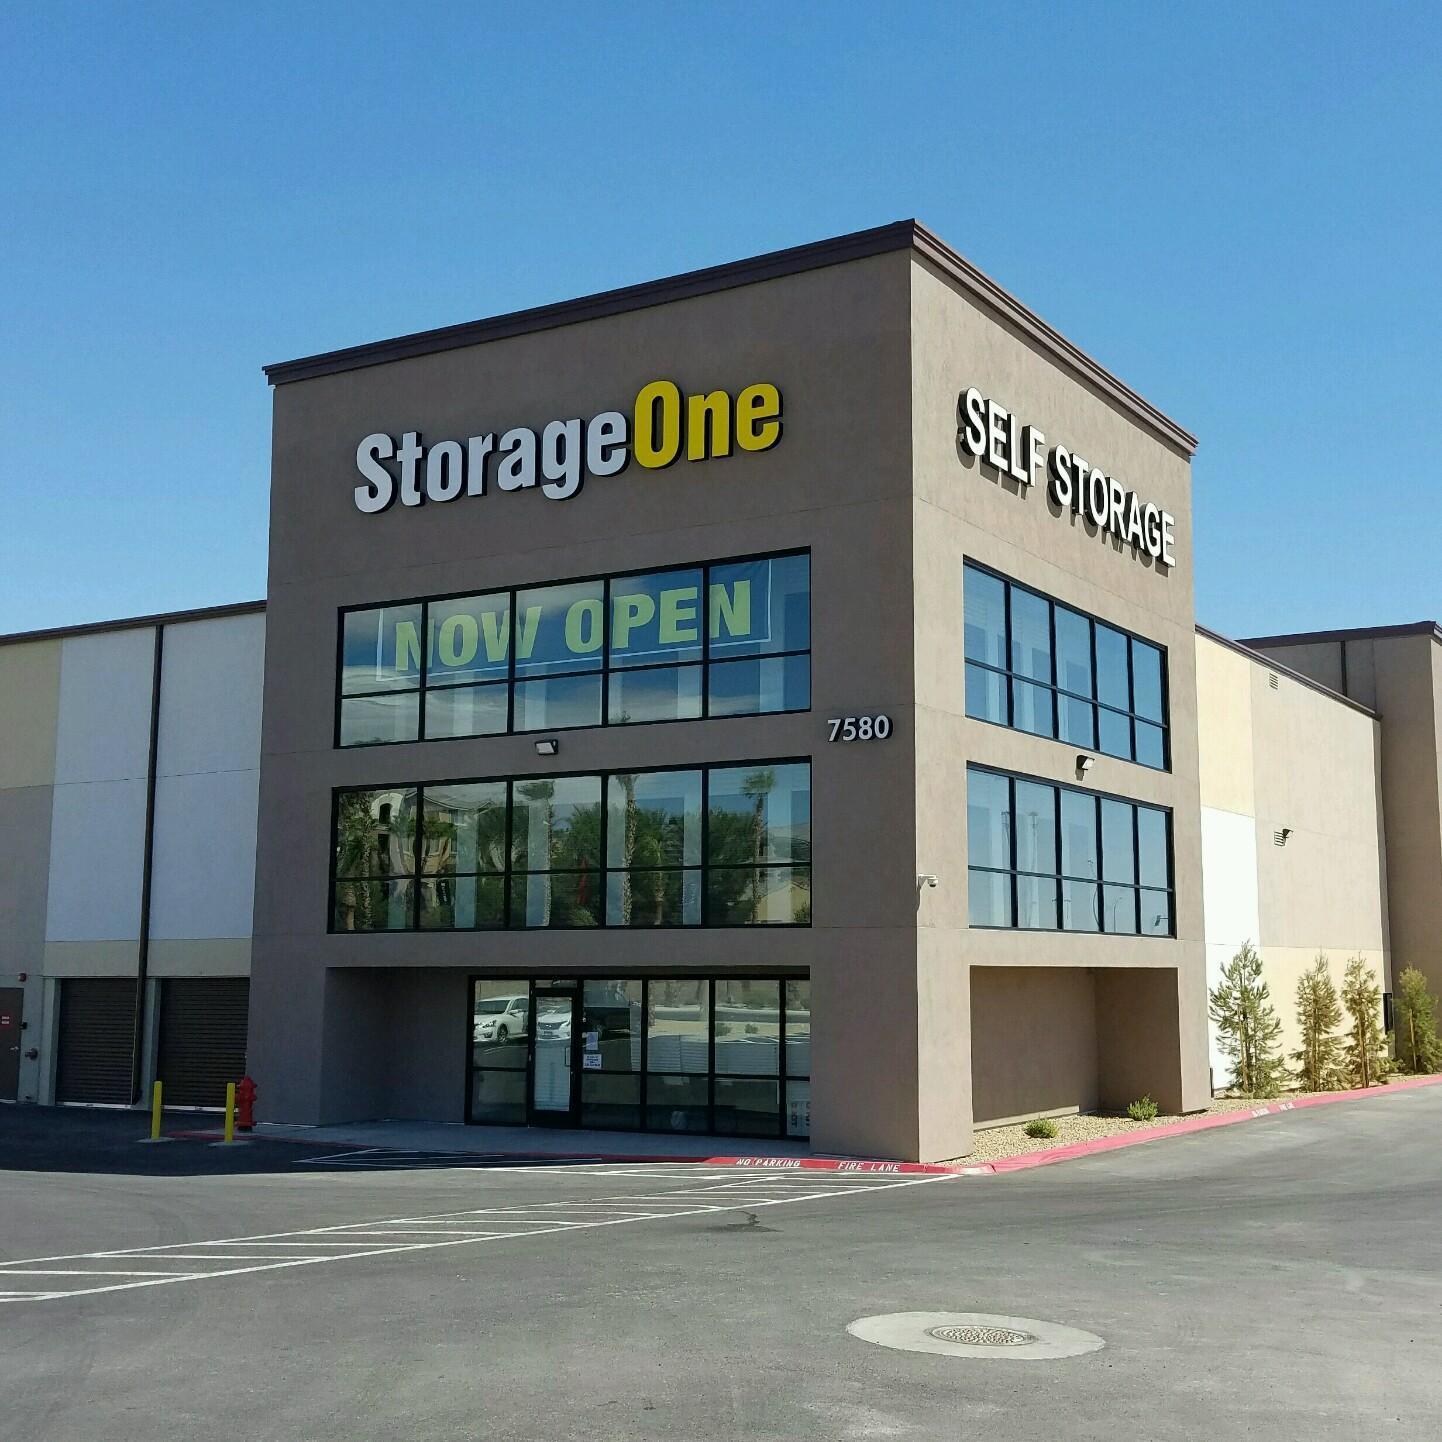 Self storage in Las Vegas NV